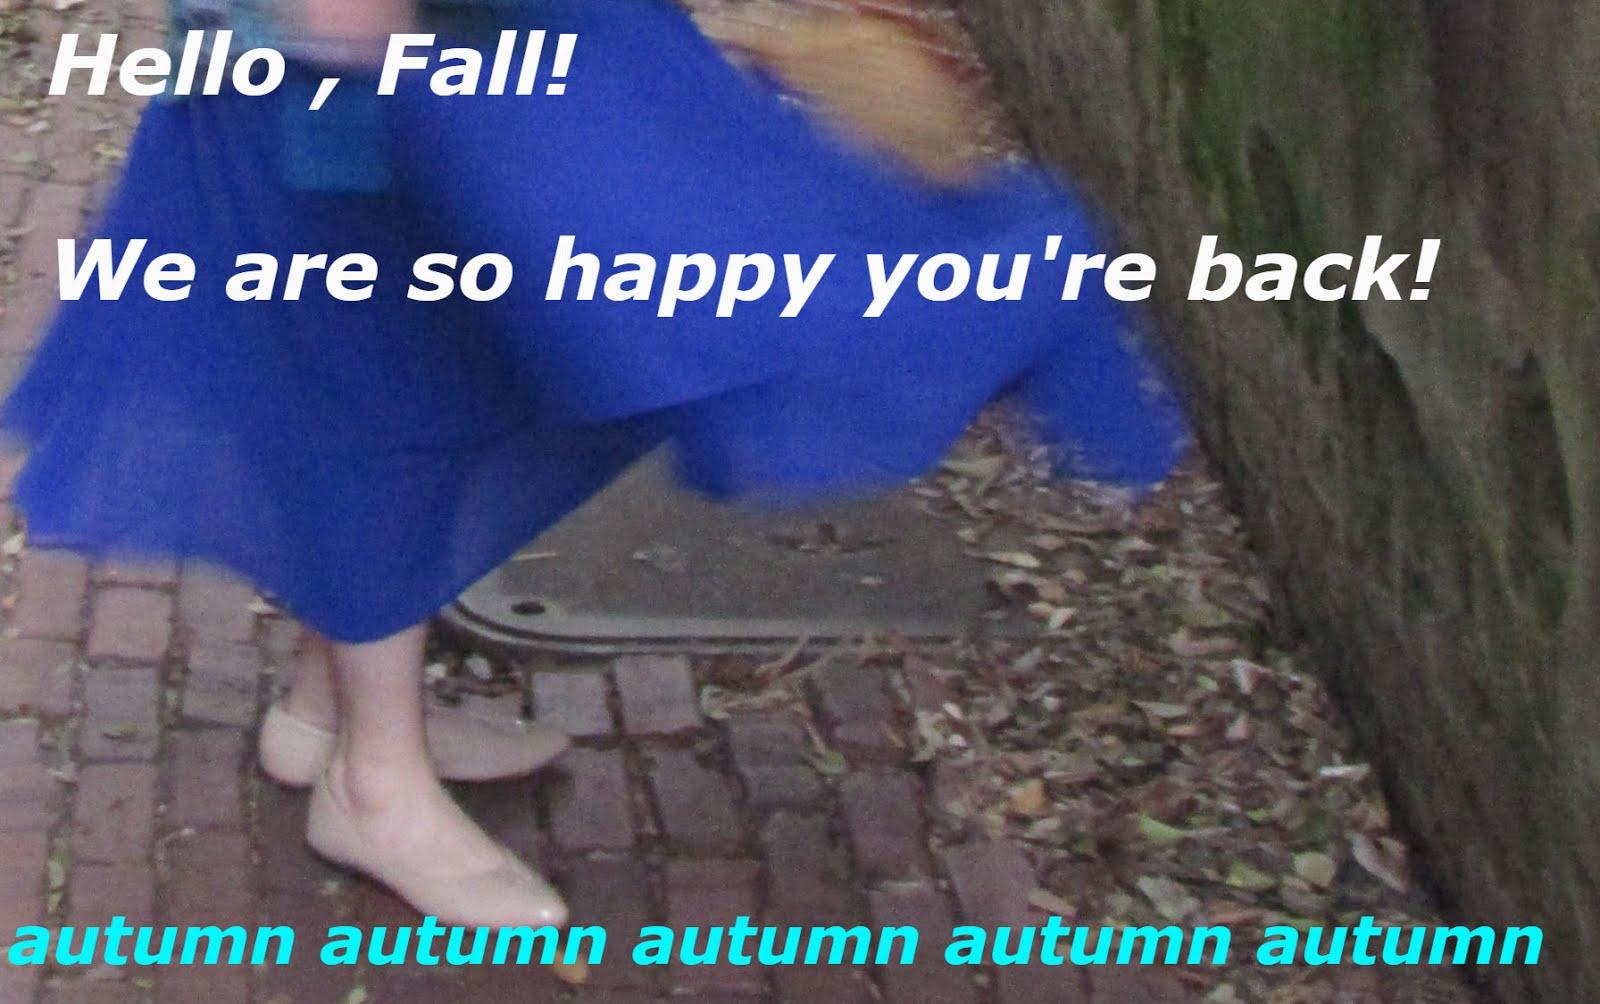 Good bye Summer, we greet you, Fall!